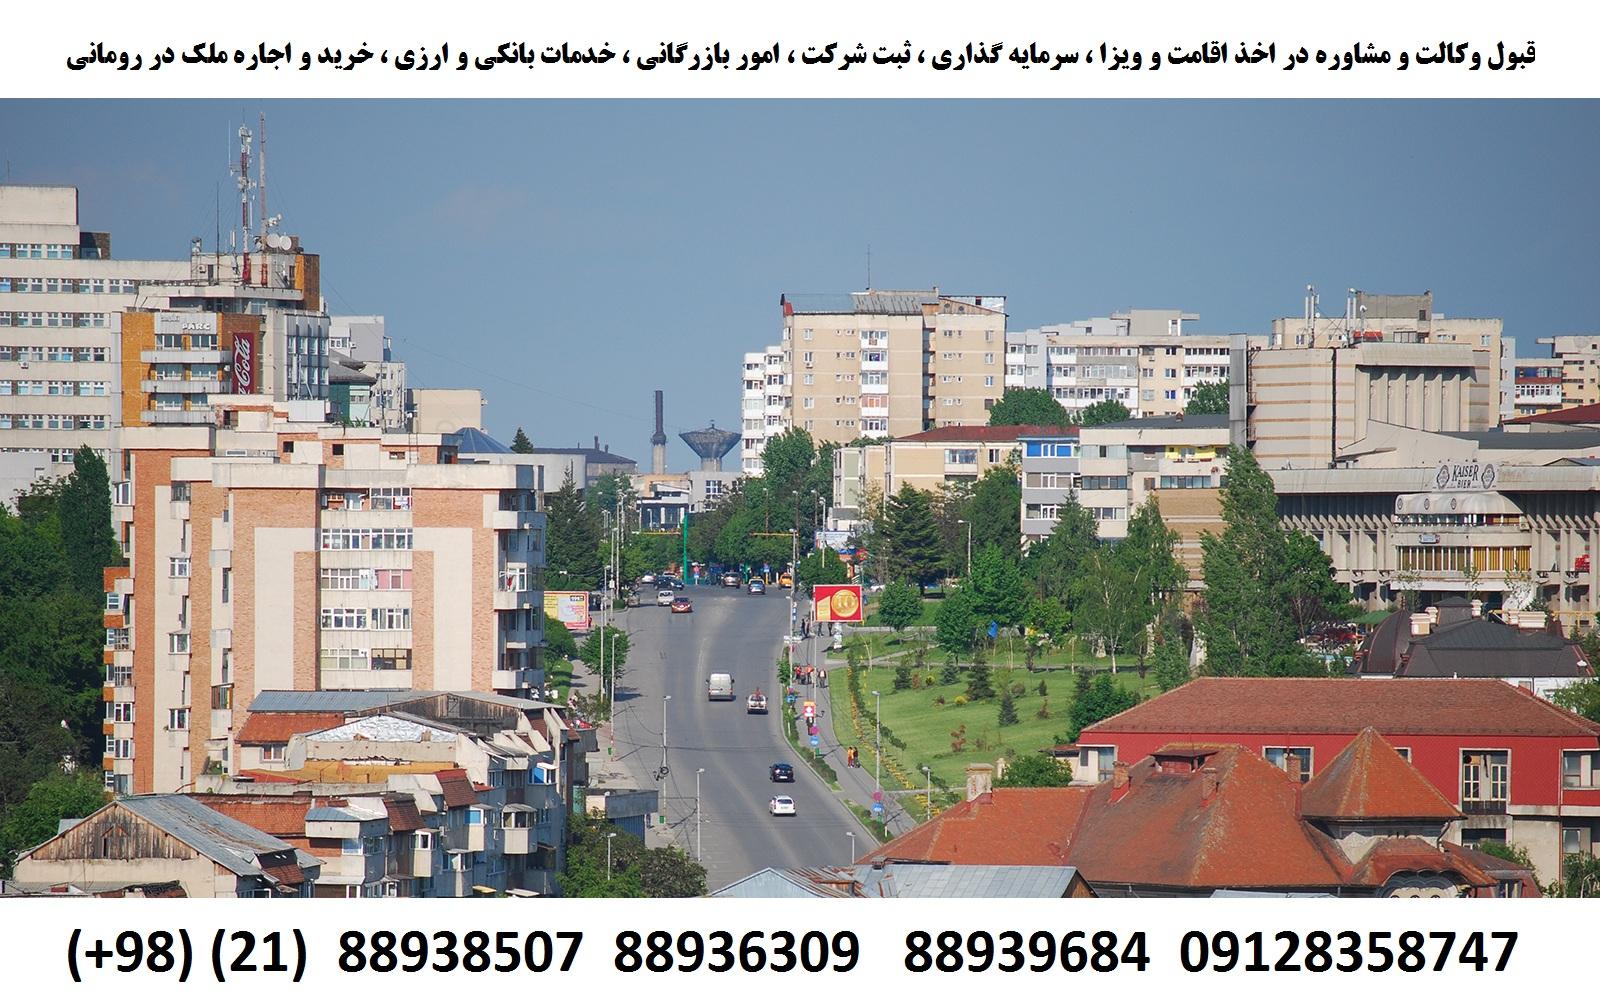 اقامت ، اخذ ویزا ، ثبت شرکت ، سرمایه گذاری در رومانی (7)